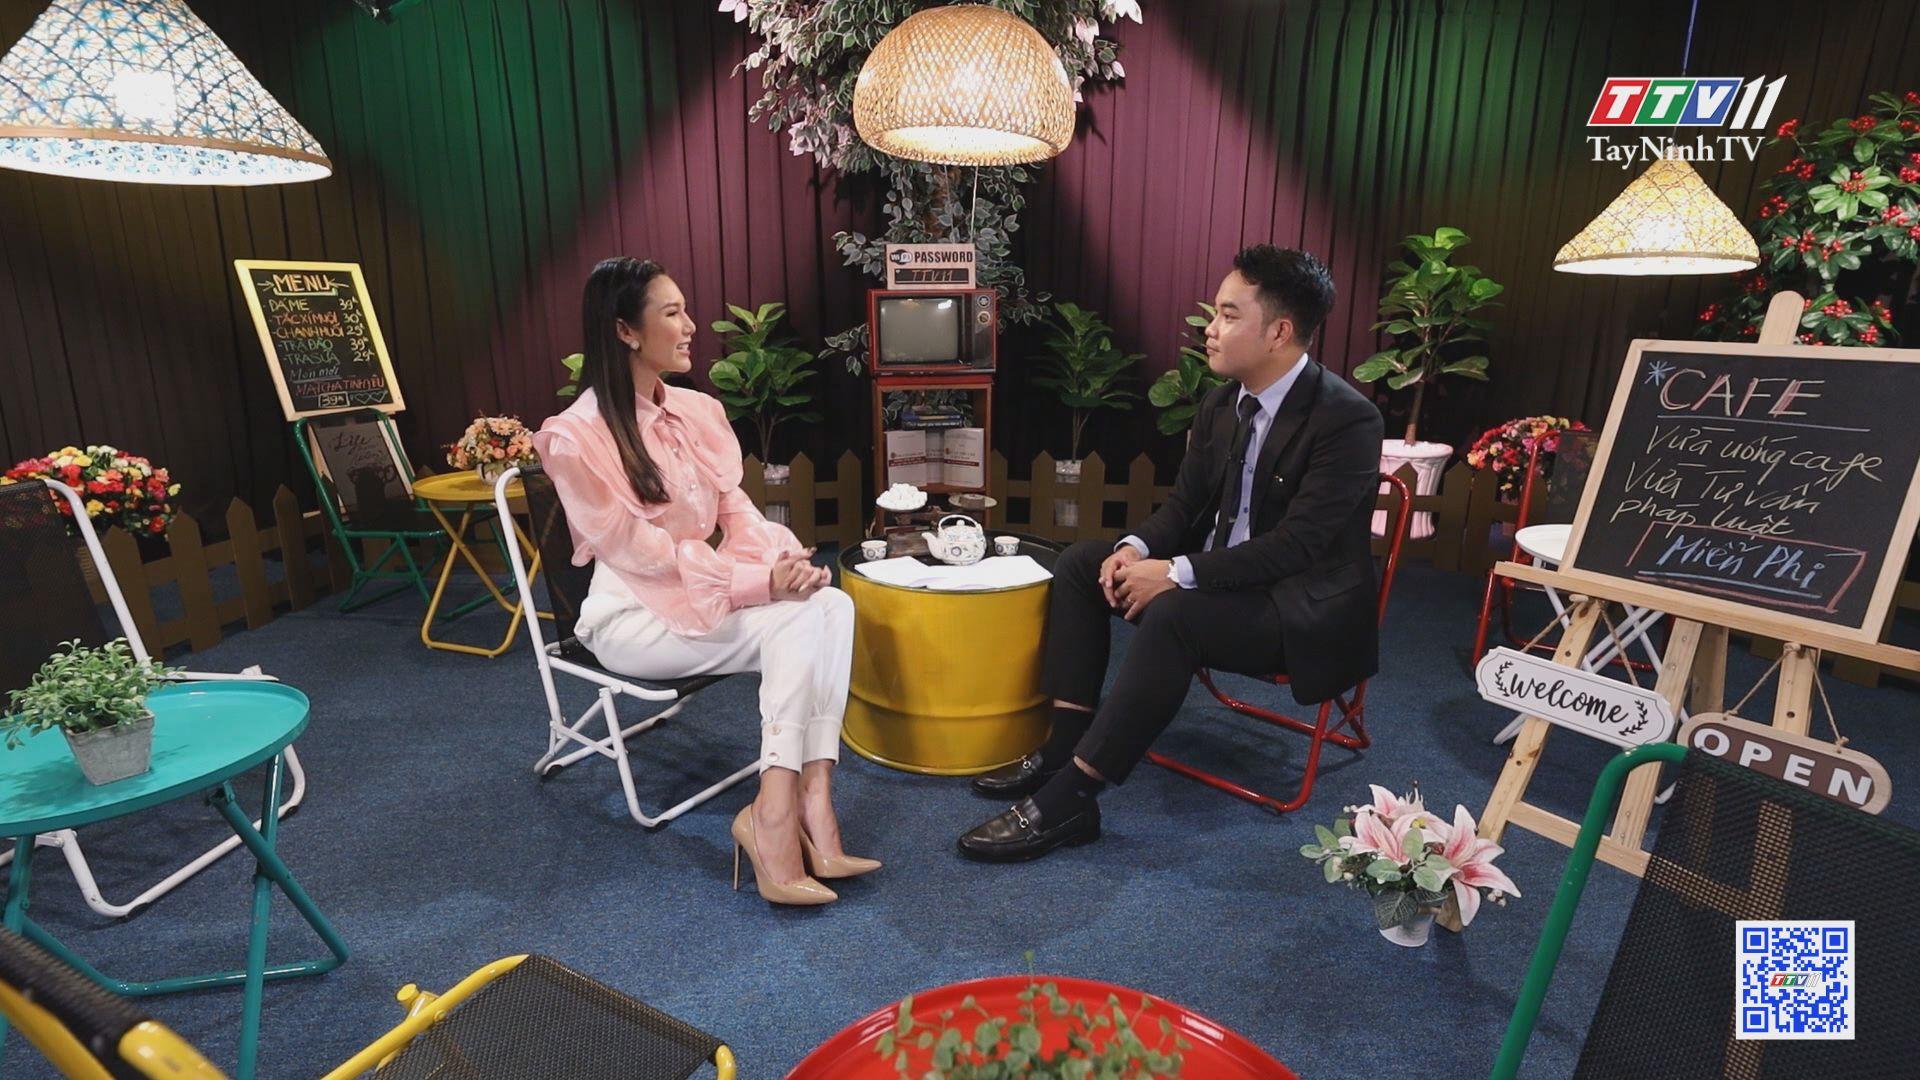 Cản trở hôn nhân hợp pháp bị xử lý thế nào? | THẤU LÝ THẤM TÌNH | TayNinhTVE